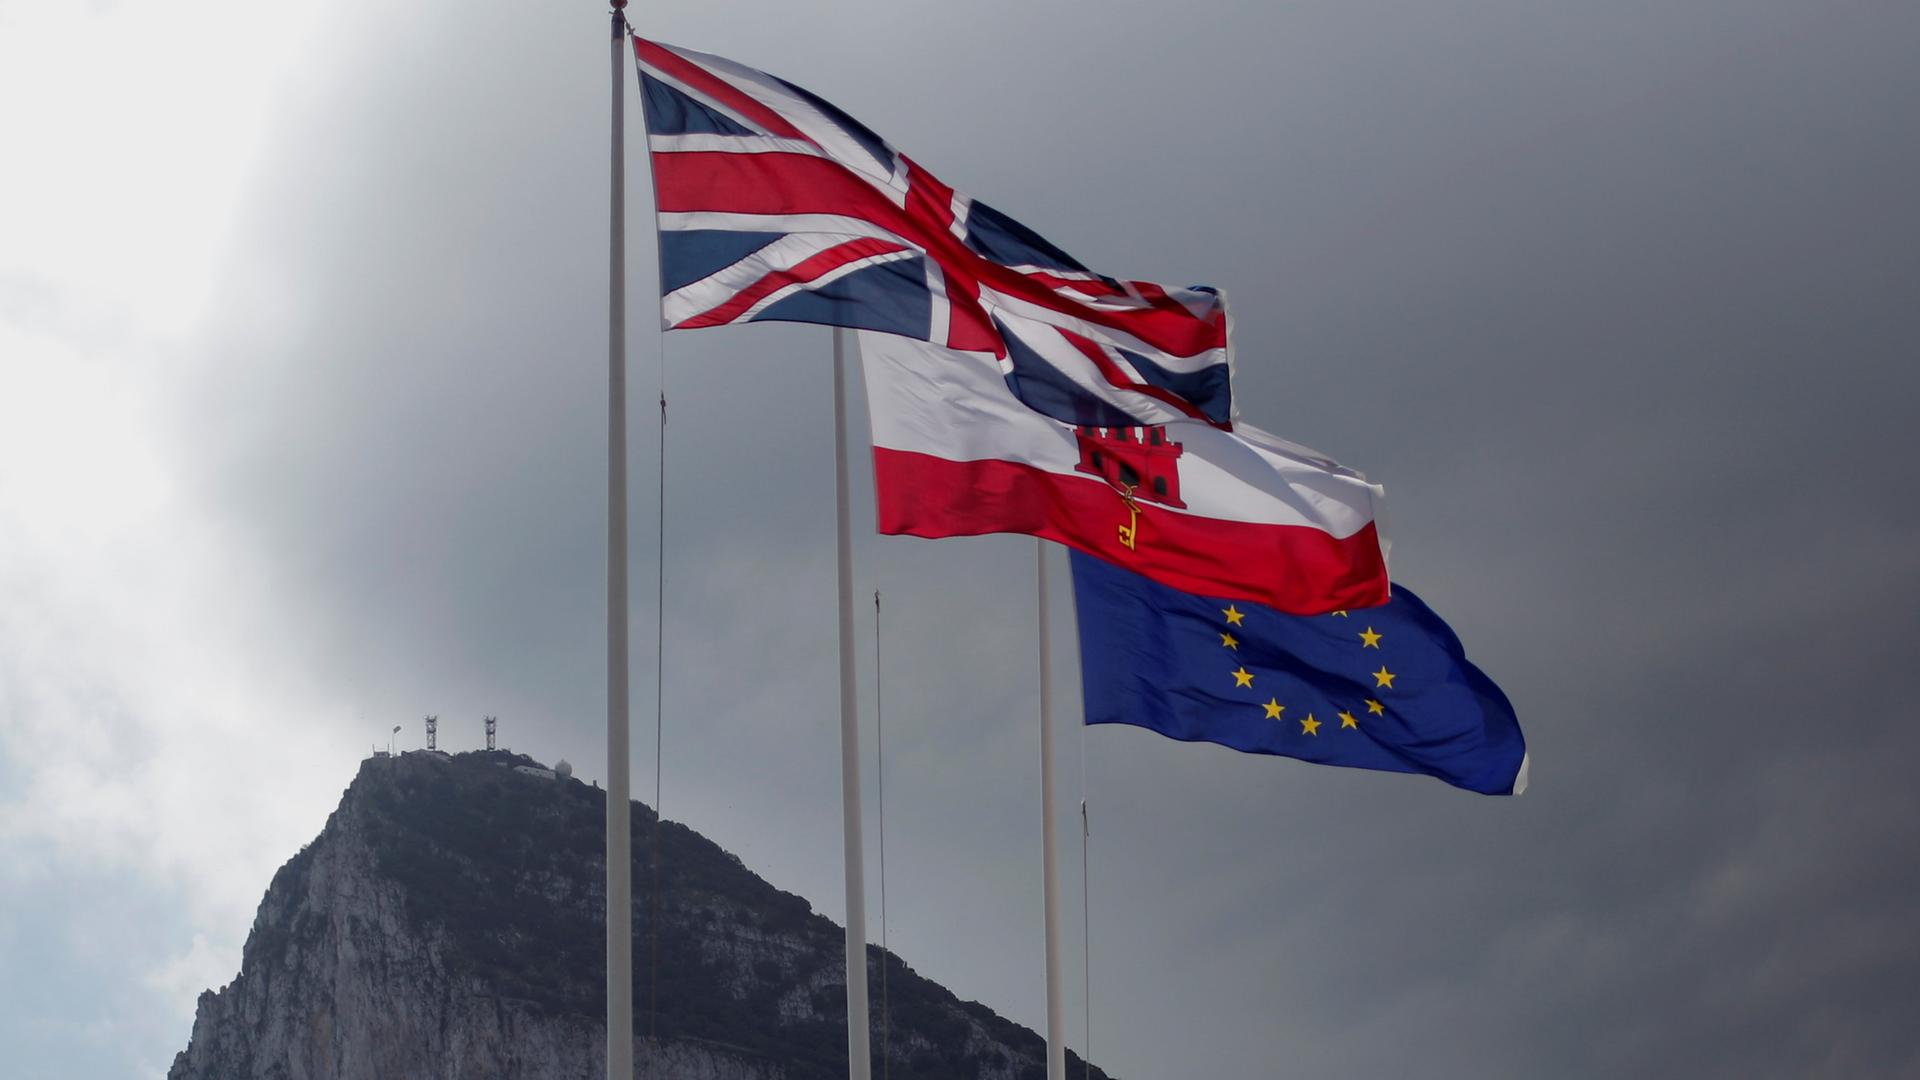 Drei Flaggen wehen auf Gibraltar, darunter die britische und die europäische.